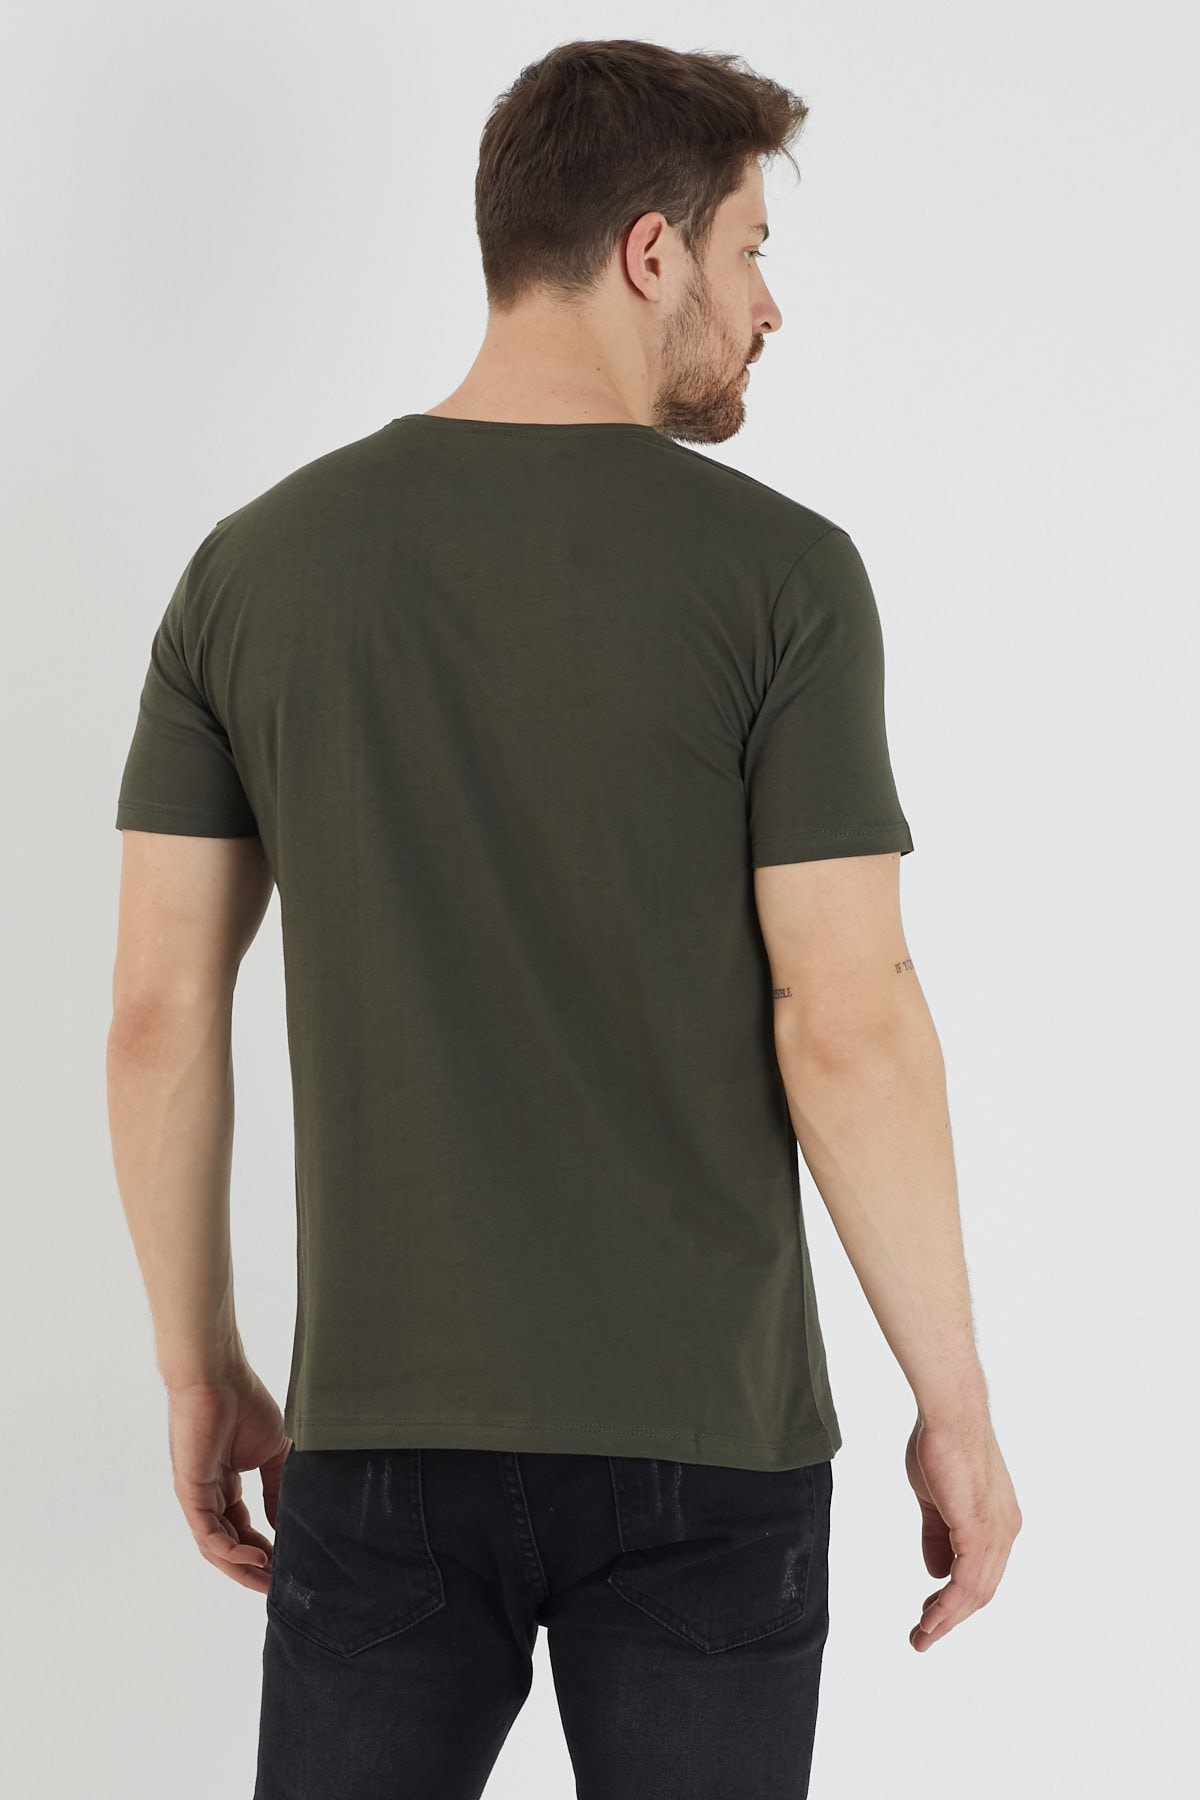 Slazenger SANDER Erkek T-Shirt Haki ST11TE083 3